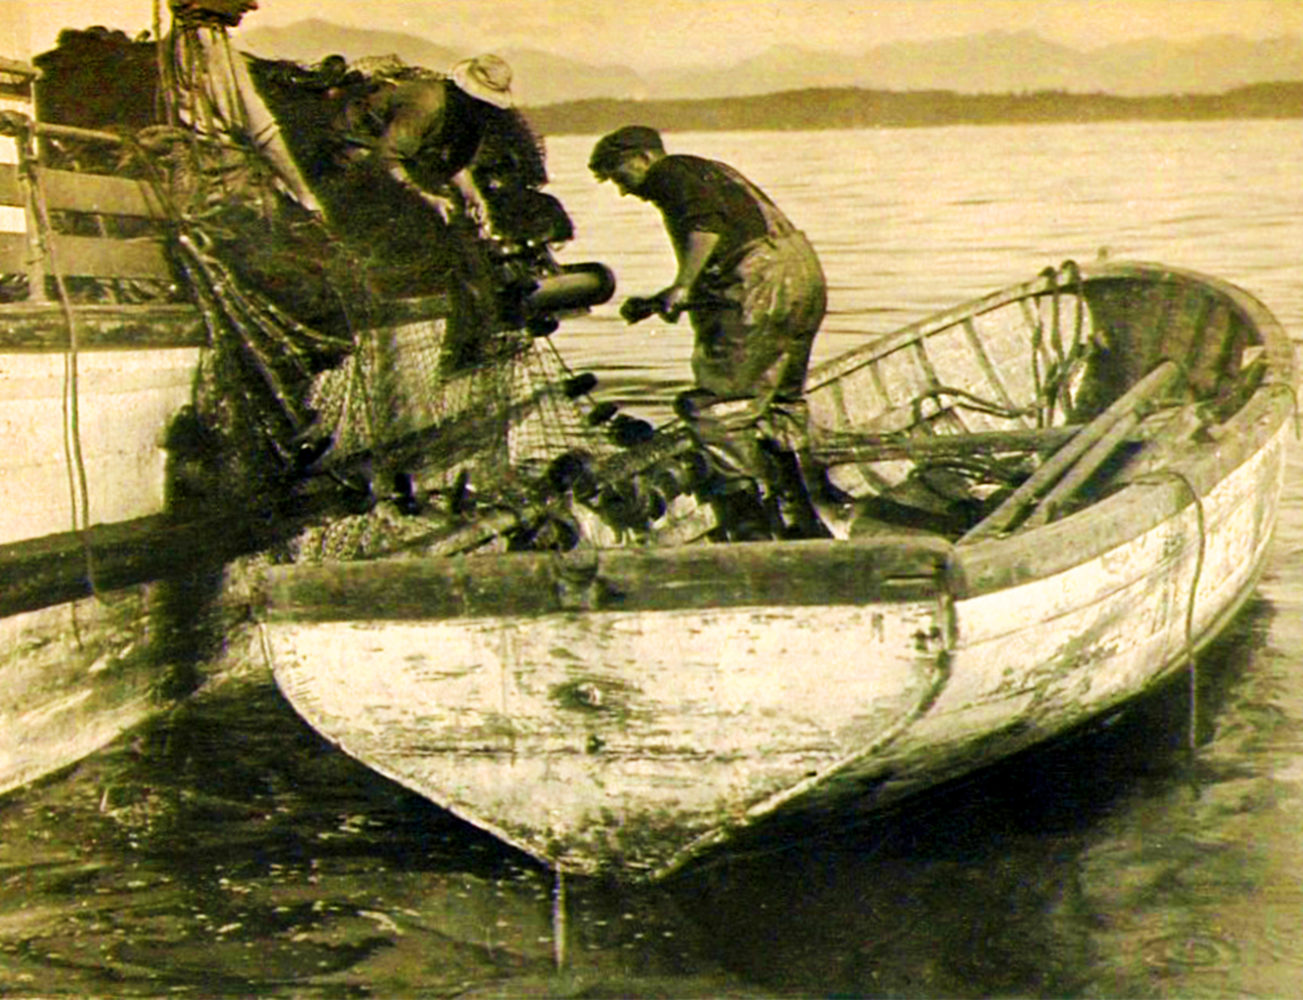 #5 - Fish boat tender